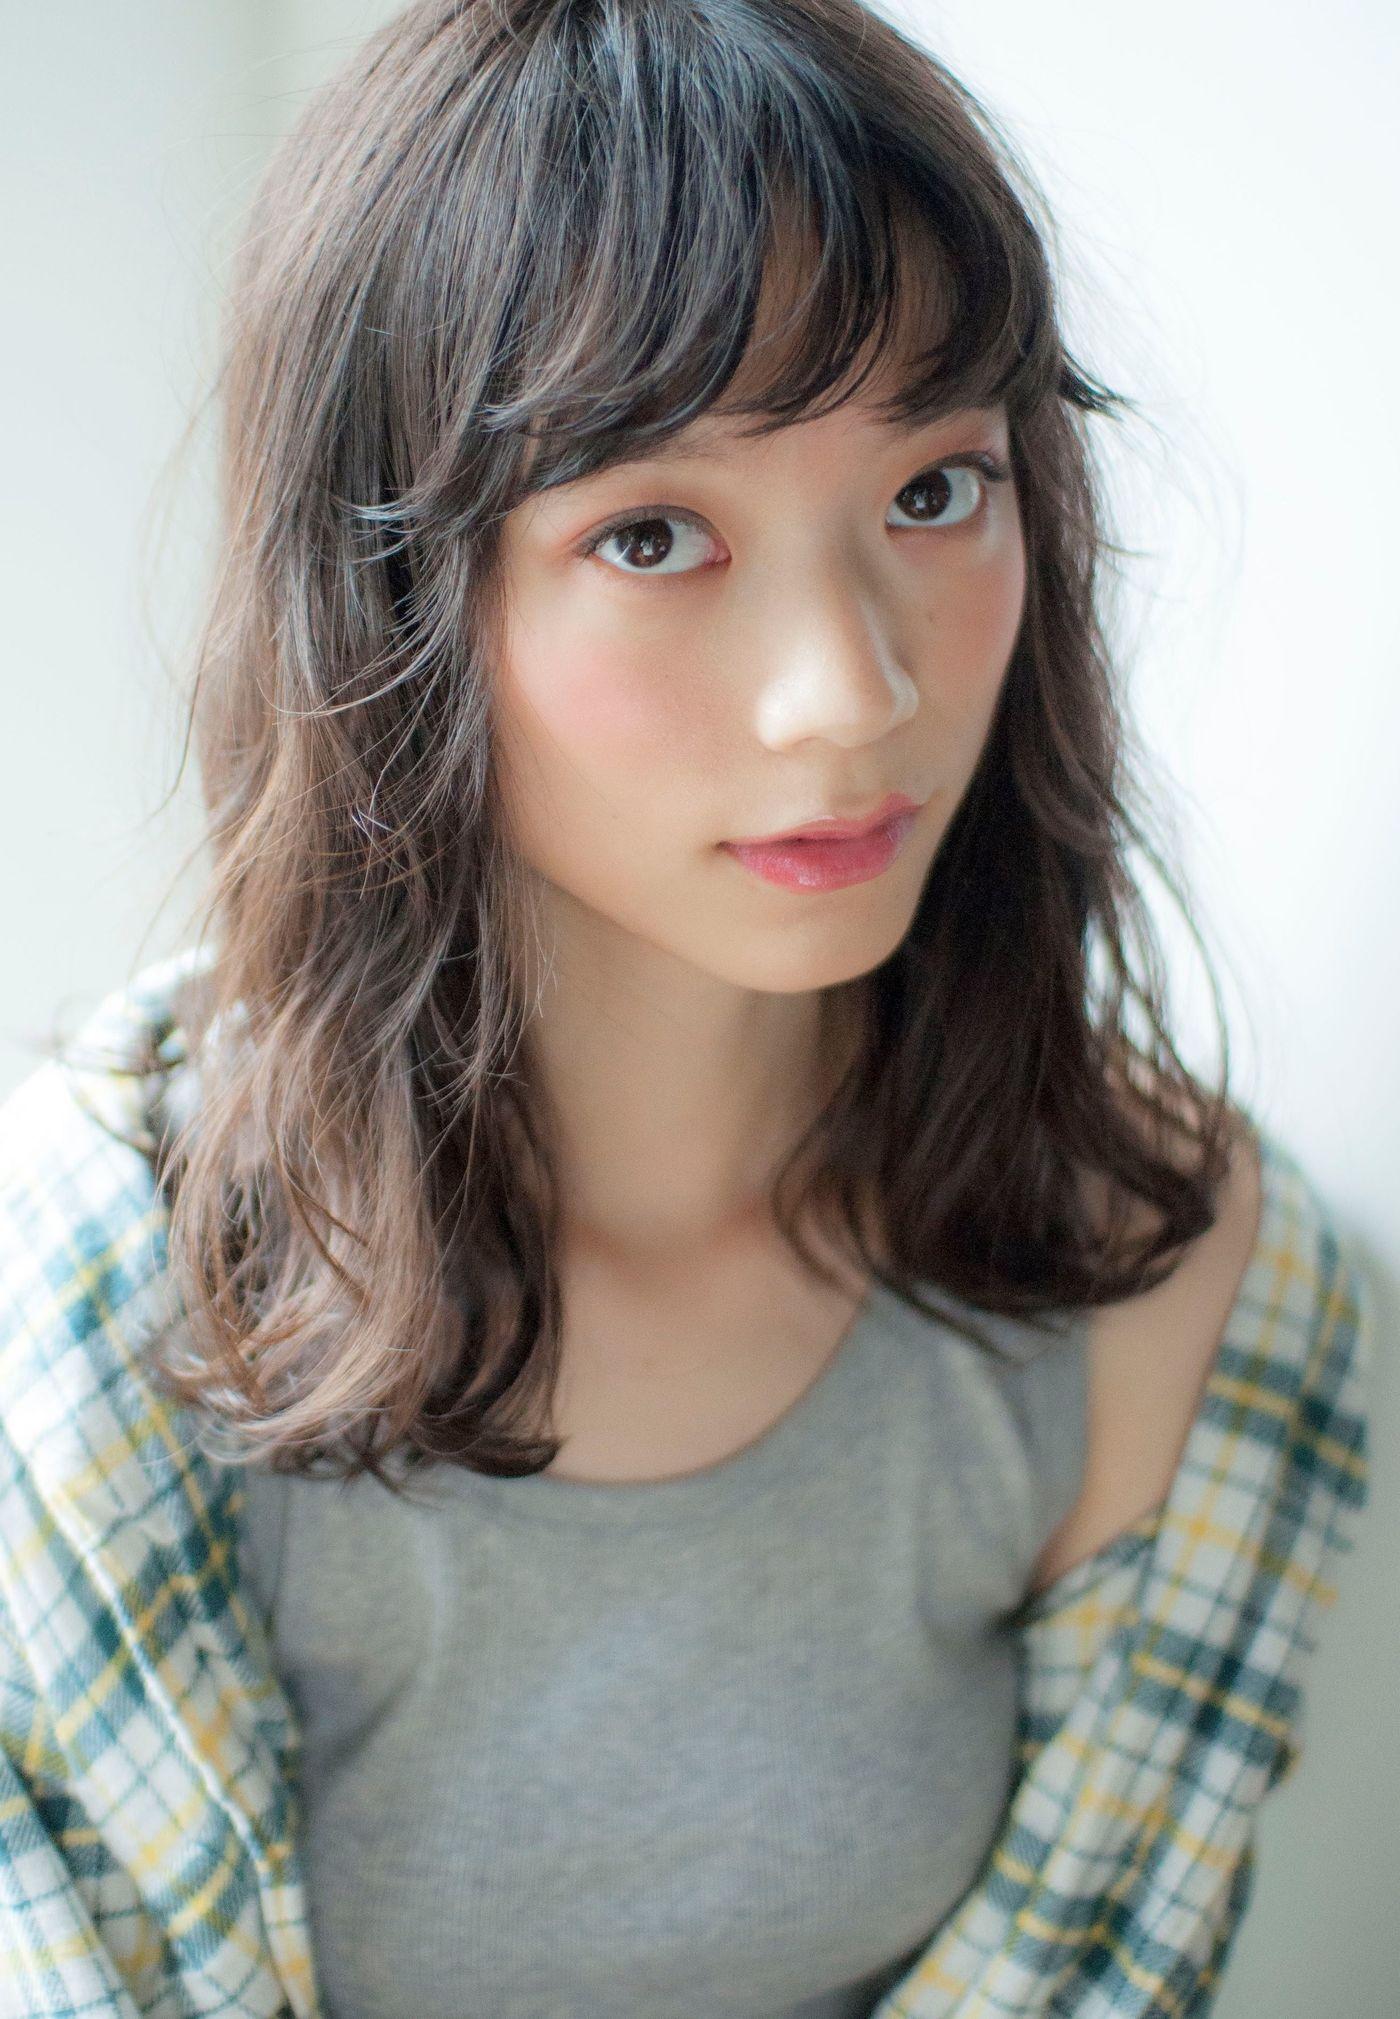 ホーミートウキョウ<HOMIE TOKYO>が投稿した画像